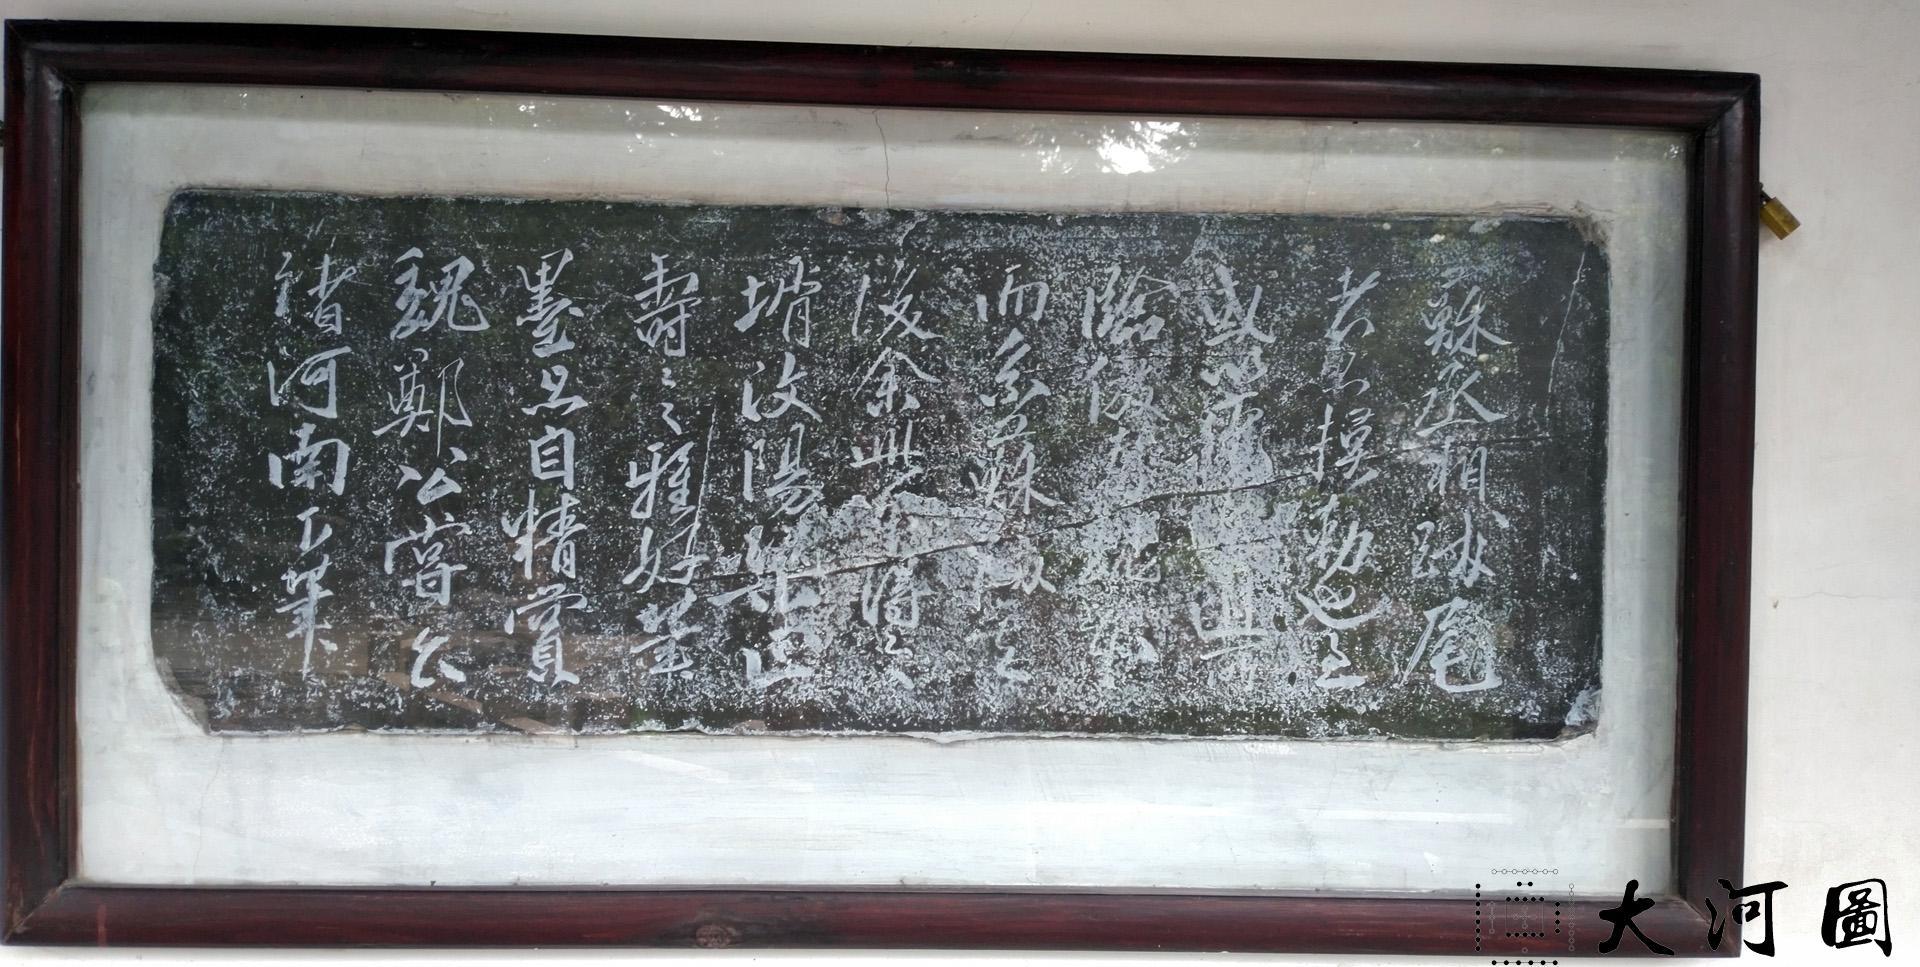 太仓弇山园石刻书法碑 石狮子 墨妙亭 这里是太仓 摄影 第15张